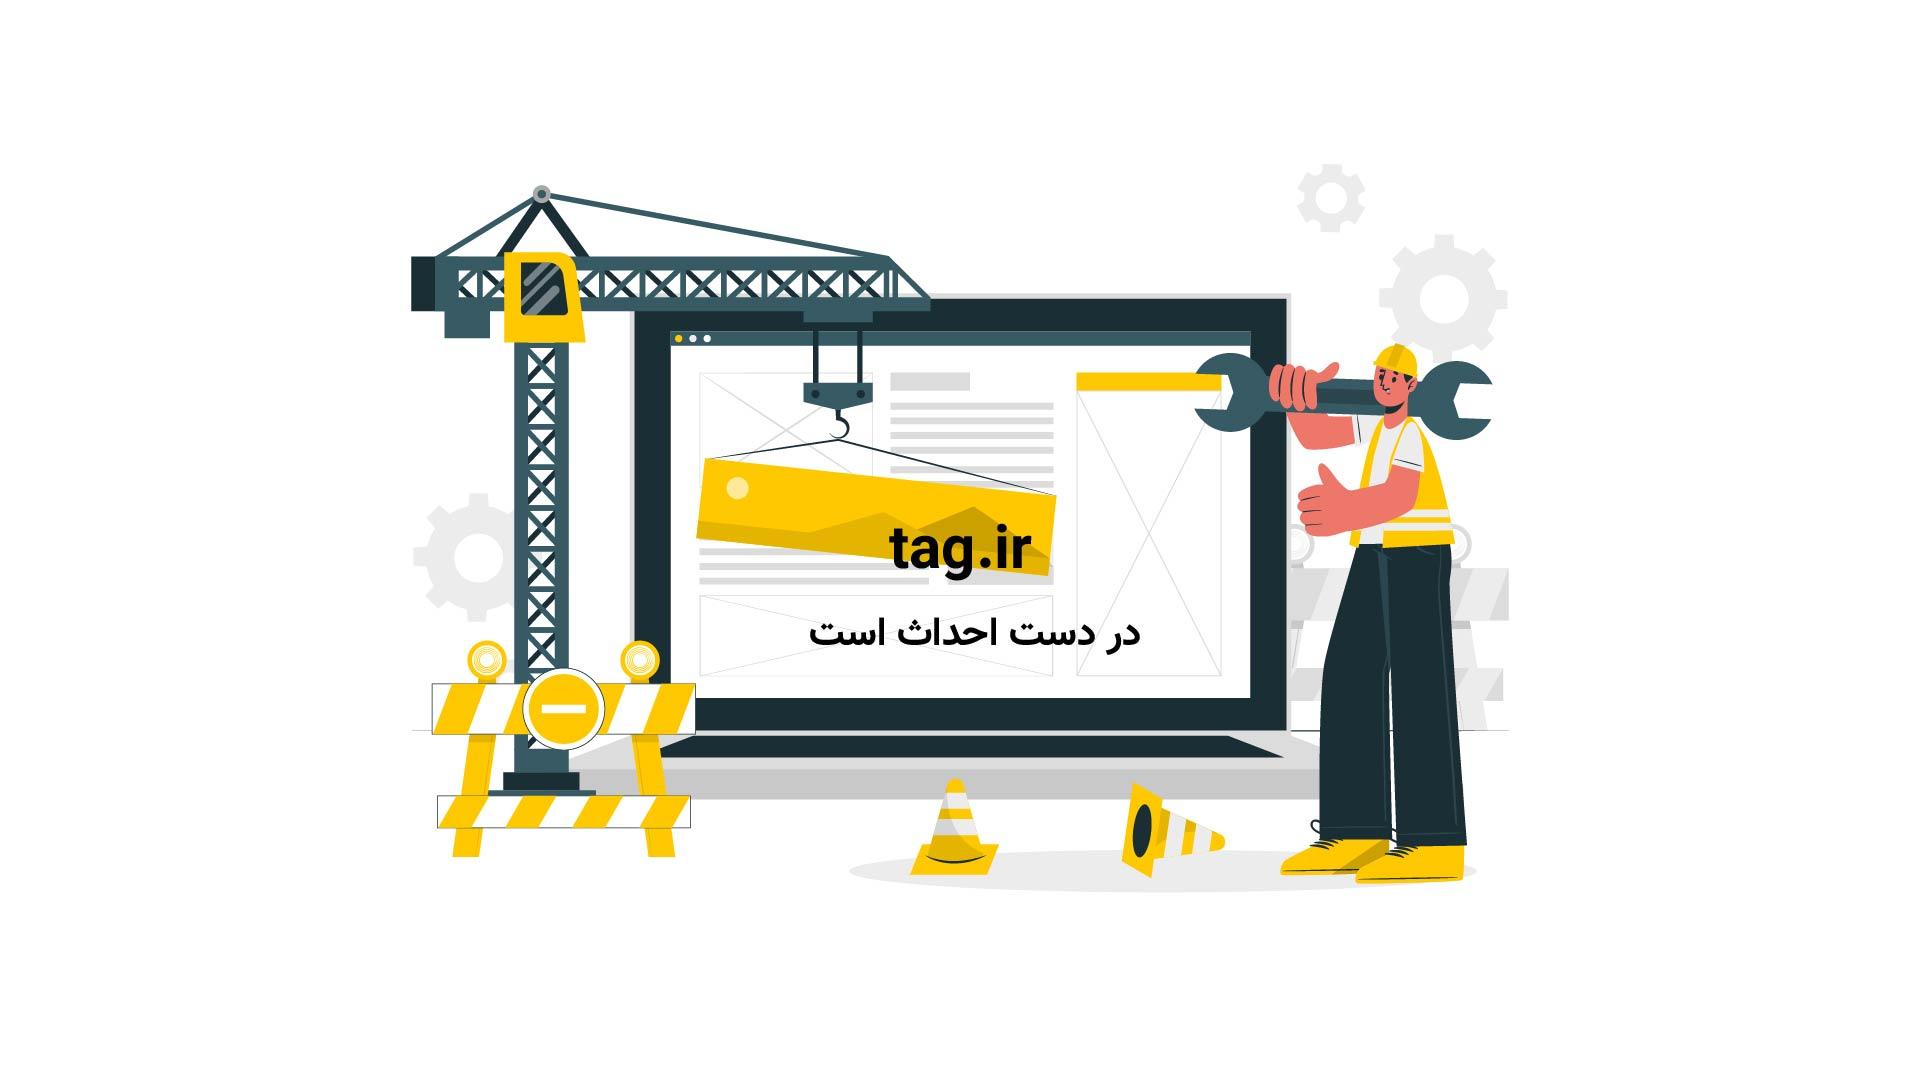 کارتون فیفا ۱۷ بازی کردن فوتبالیست ها + فیلم